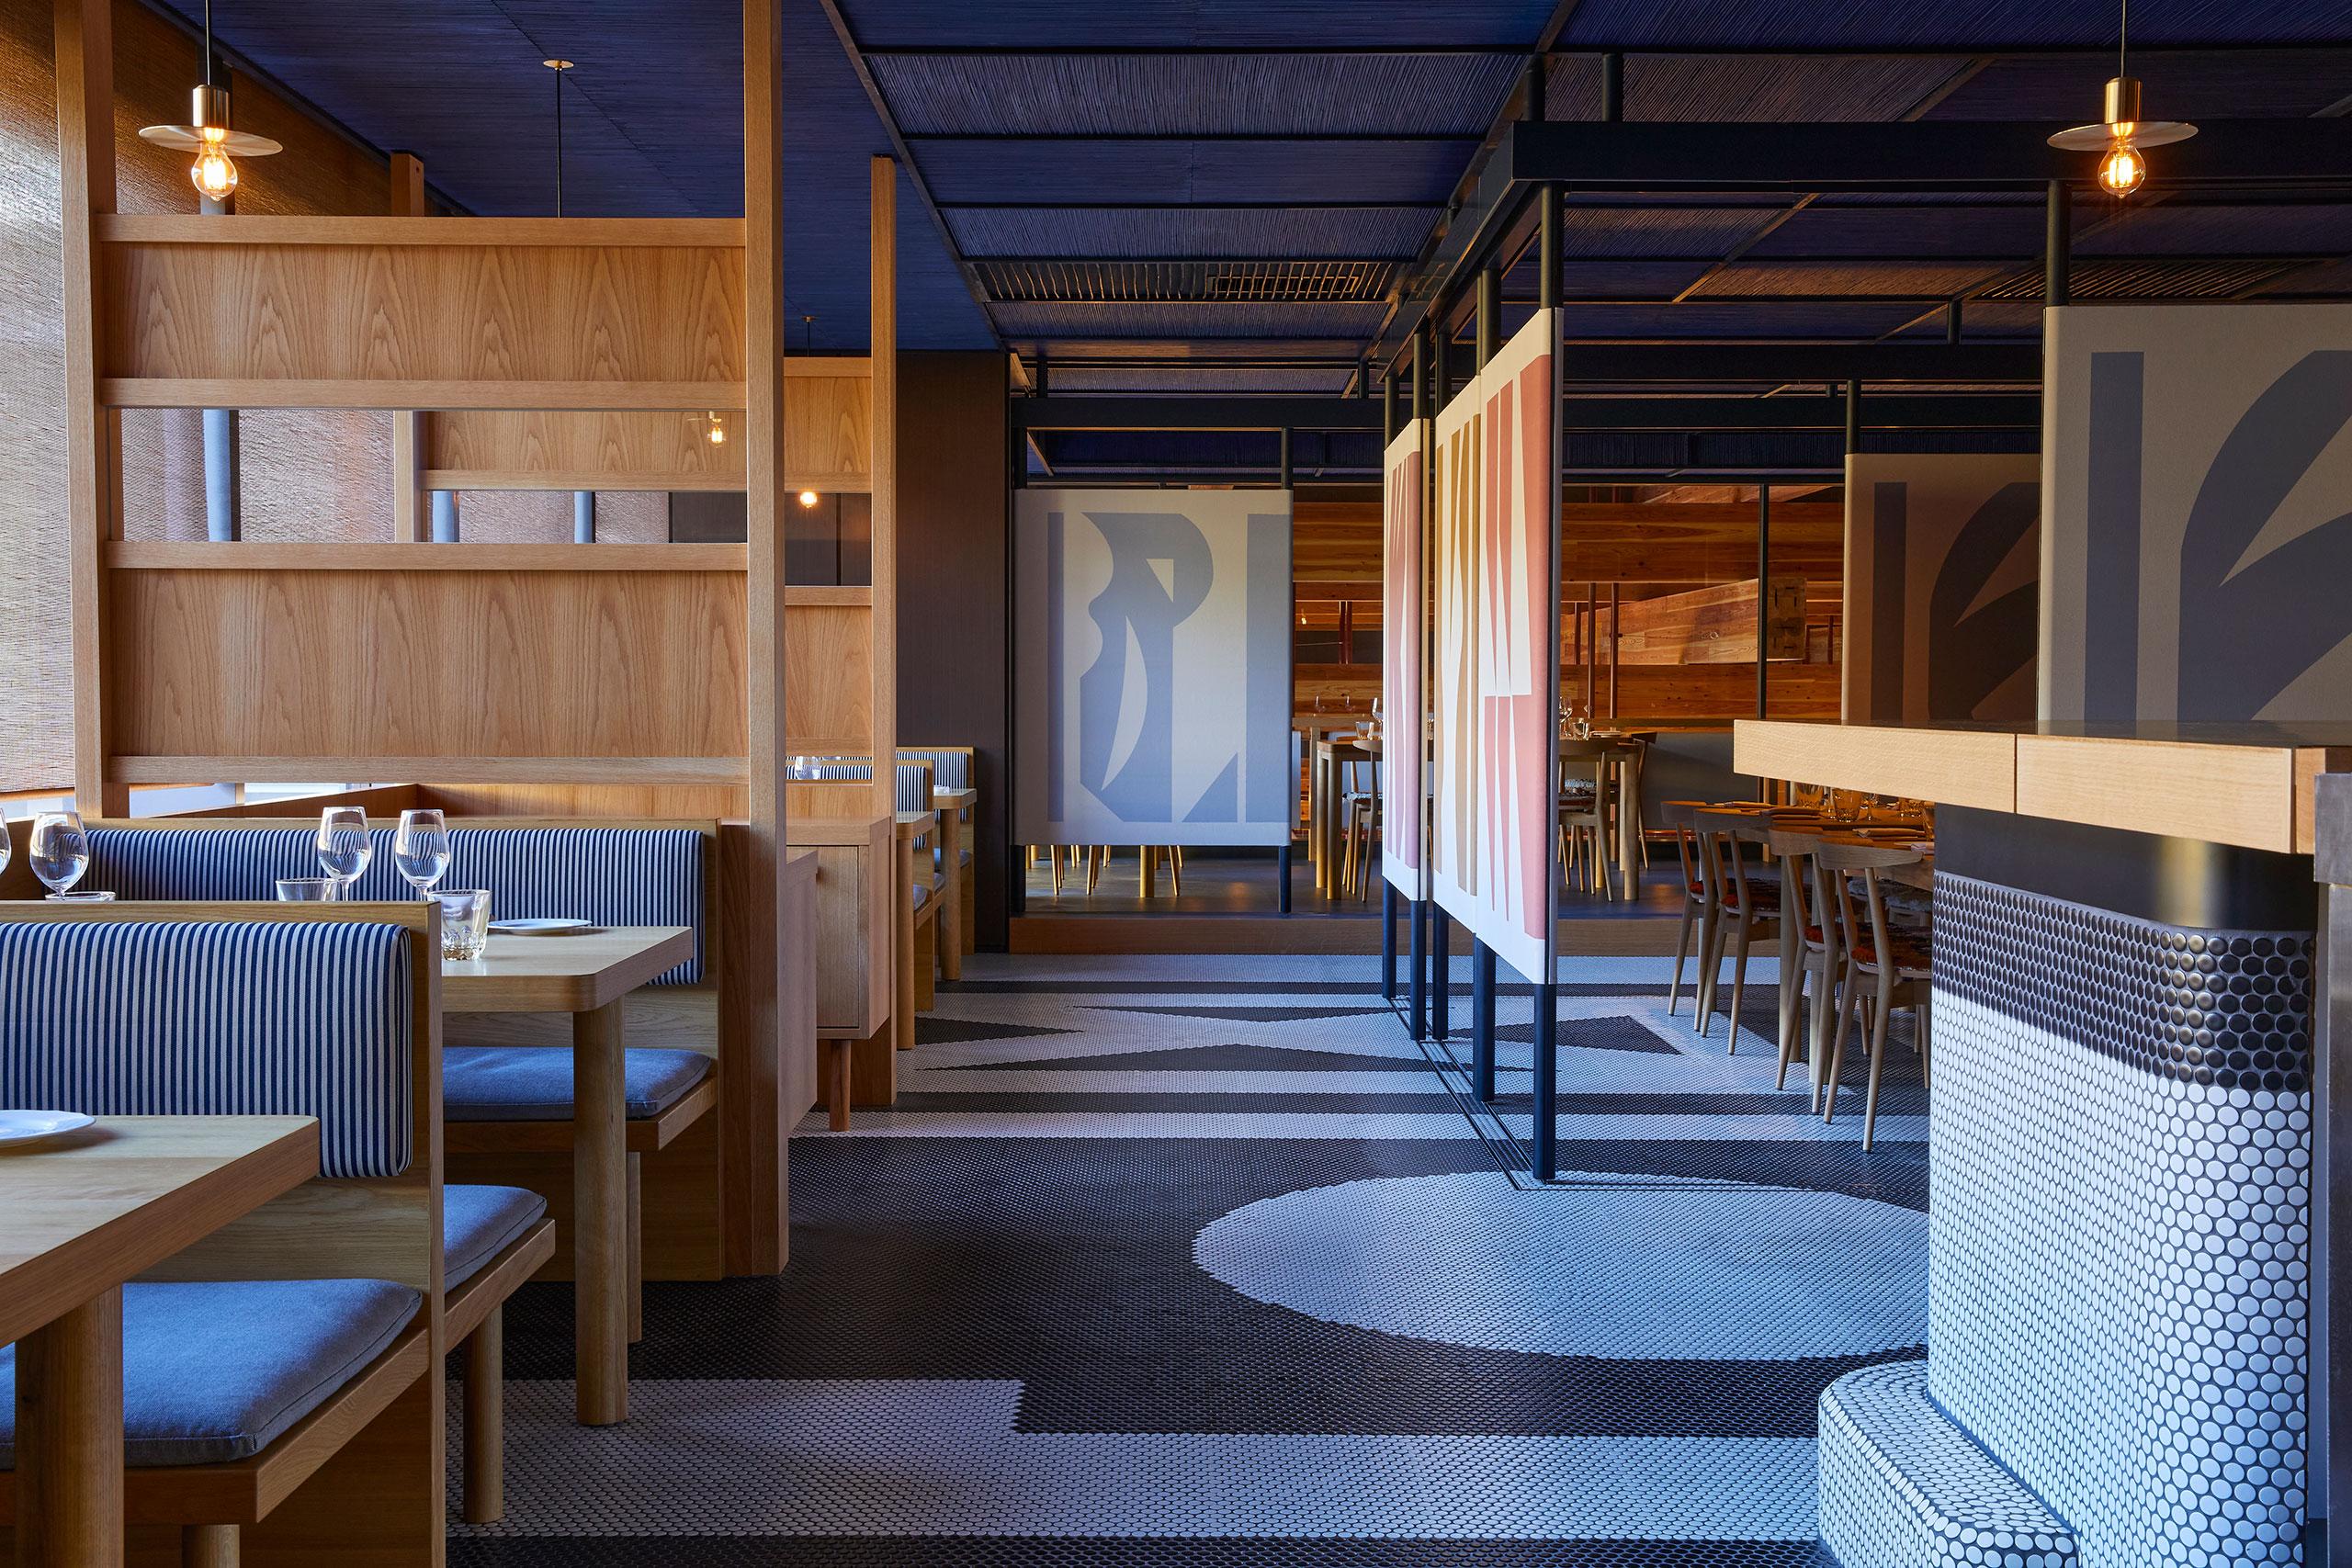 Ace Hotel Kyoto. Mr. Maurice's Italian restaurant. Photo by Yoshihiro Makino.